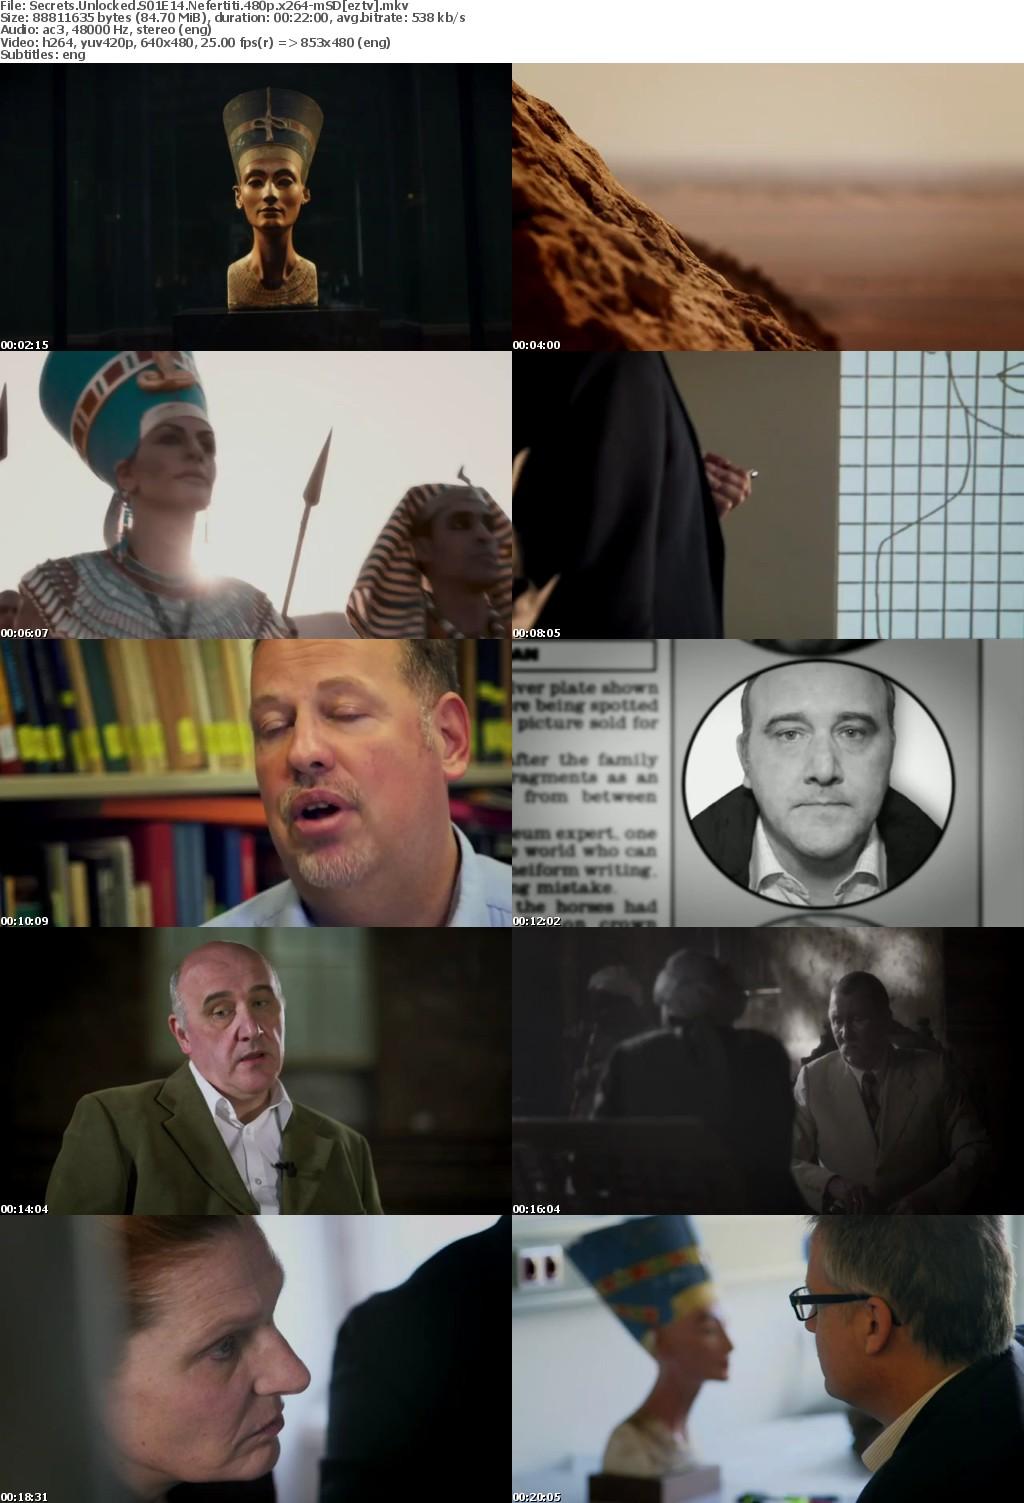 Secrets Unlocked S01E14 Nefertiti 480p x264-mSD